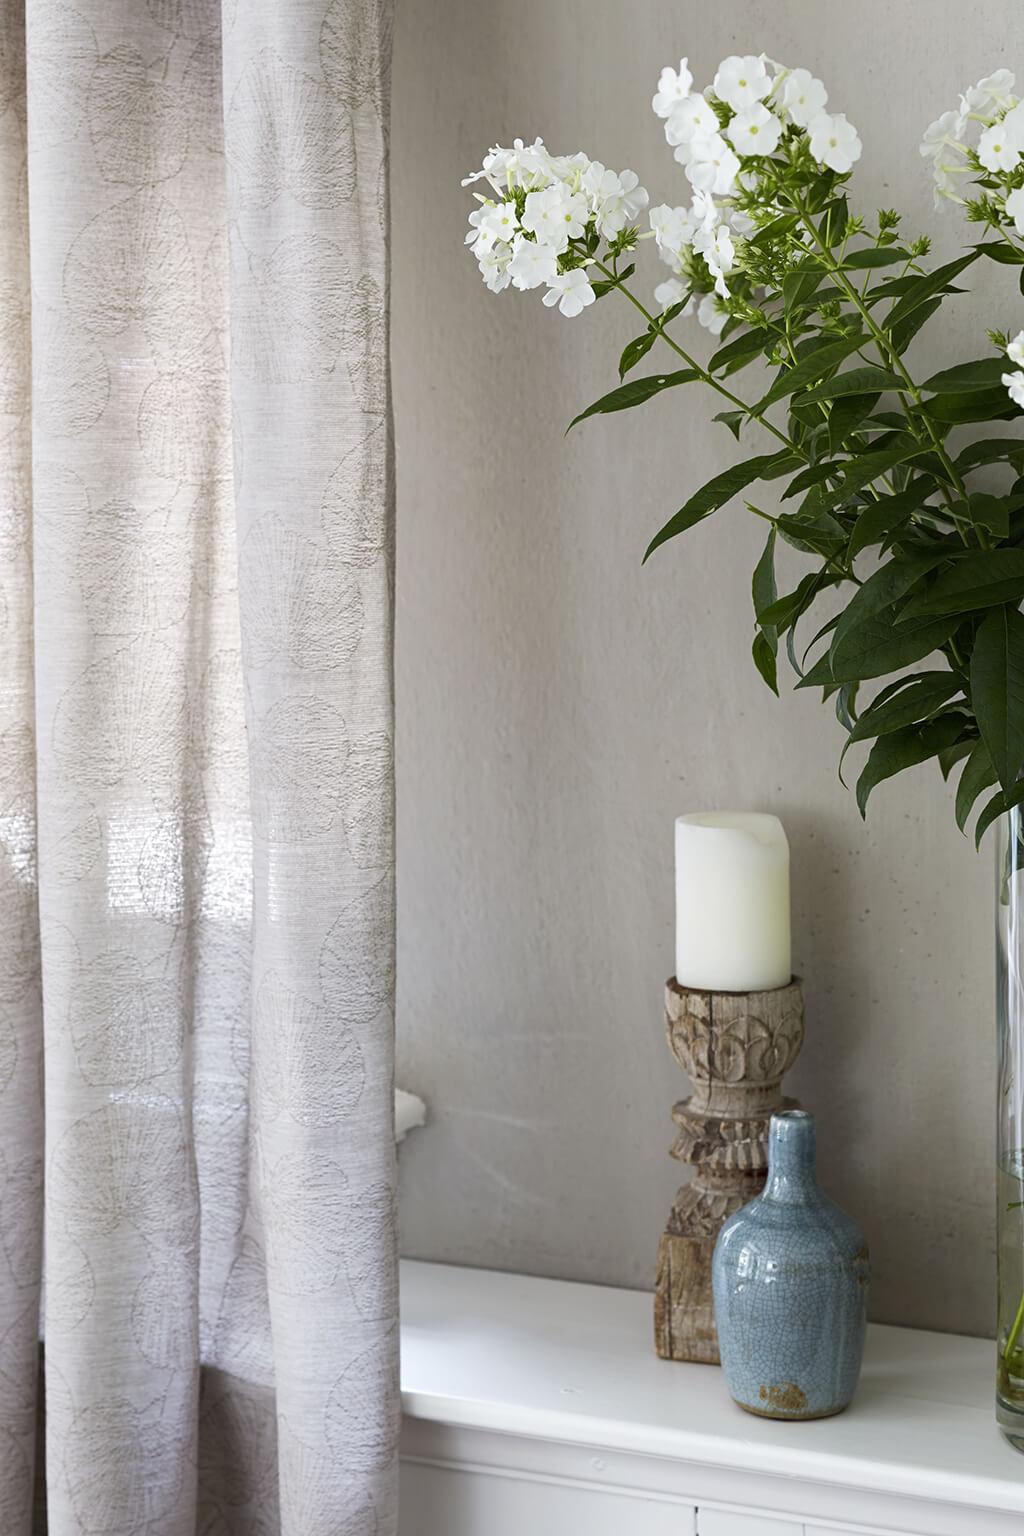 Shabby Chic Vorhang in grau mit Blumen und Kerze